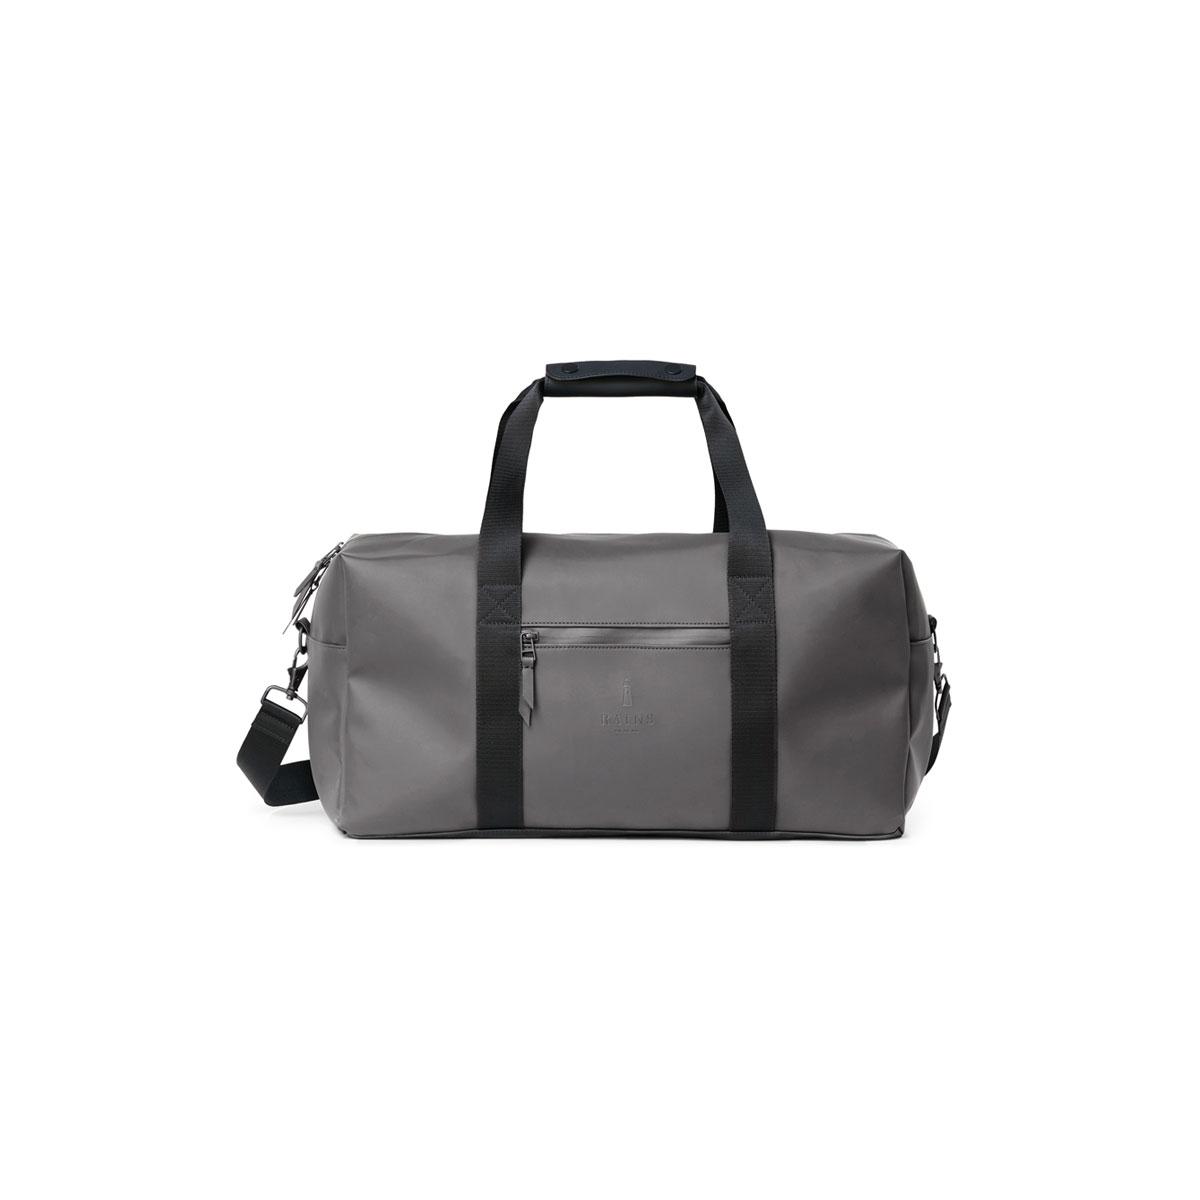 GYM bag charcoal